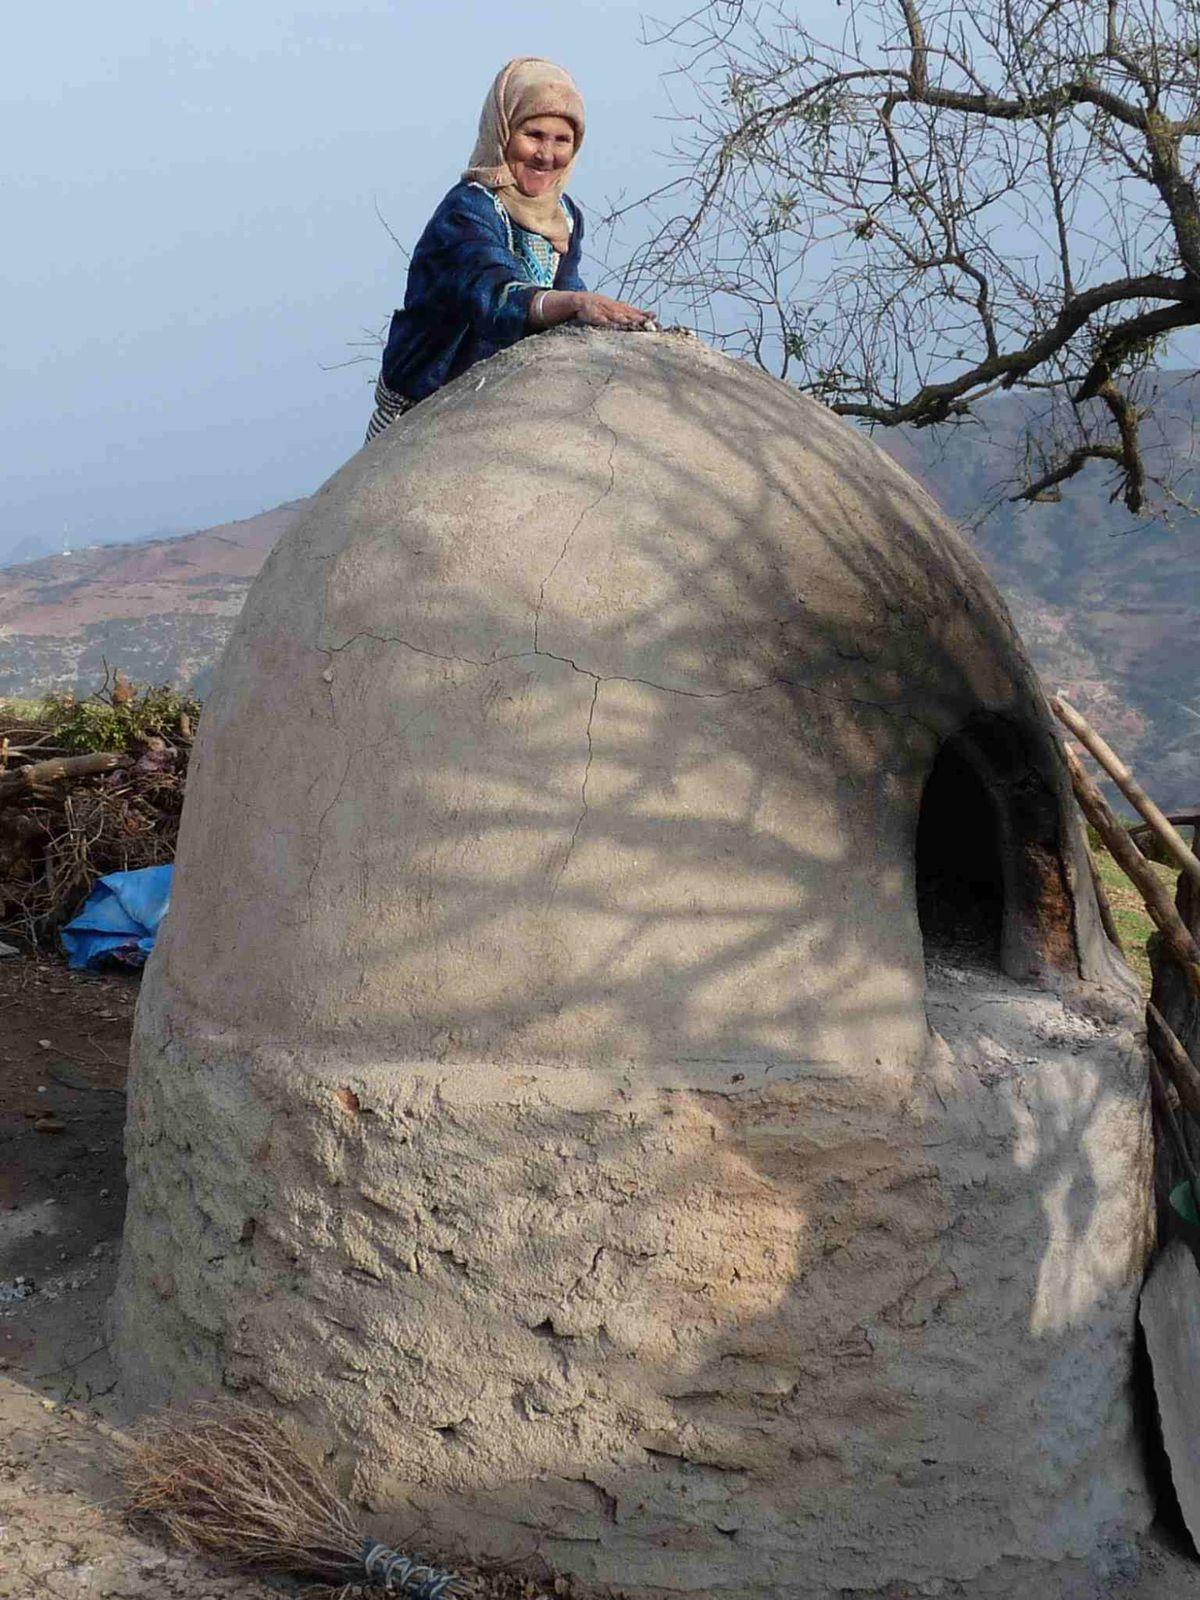 Voyage de 4 semaines au Maroc du 14/12/13 au 10/01/14